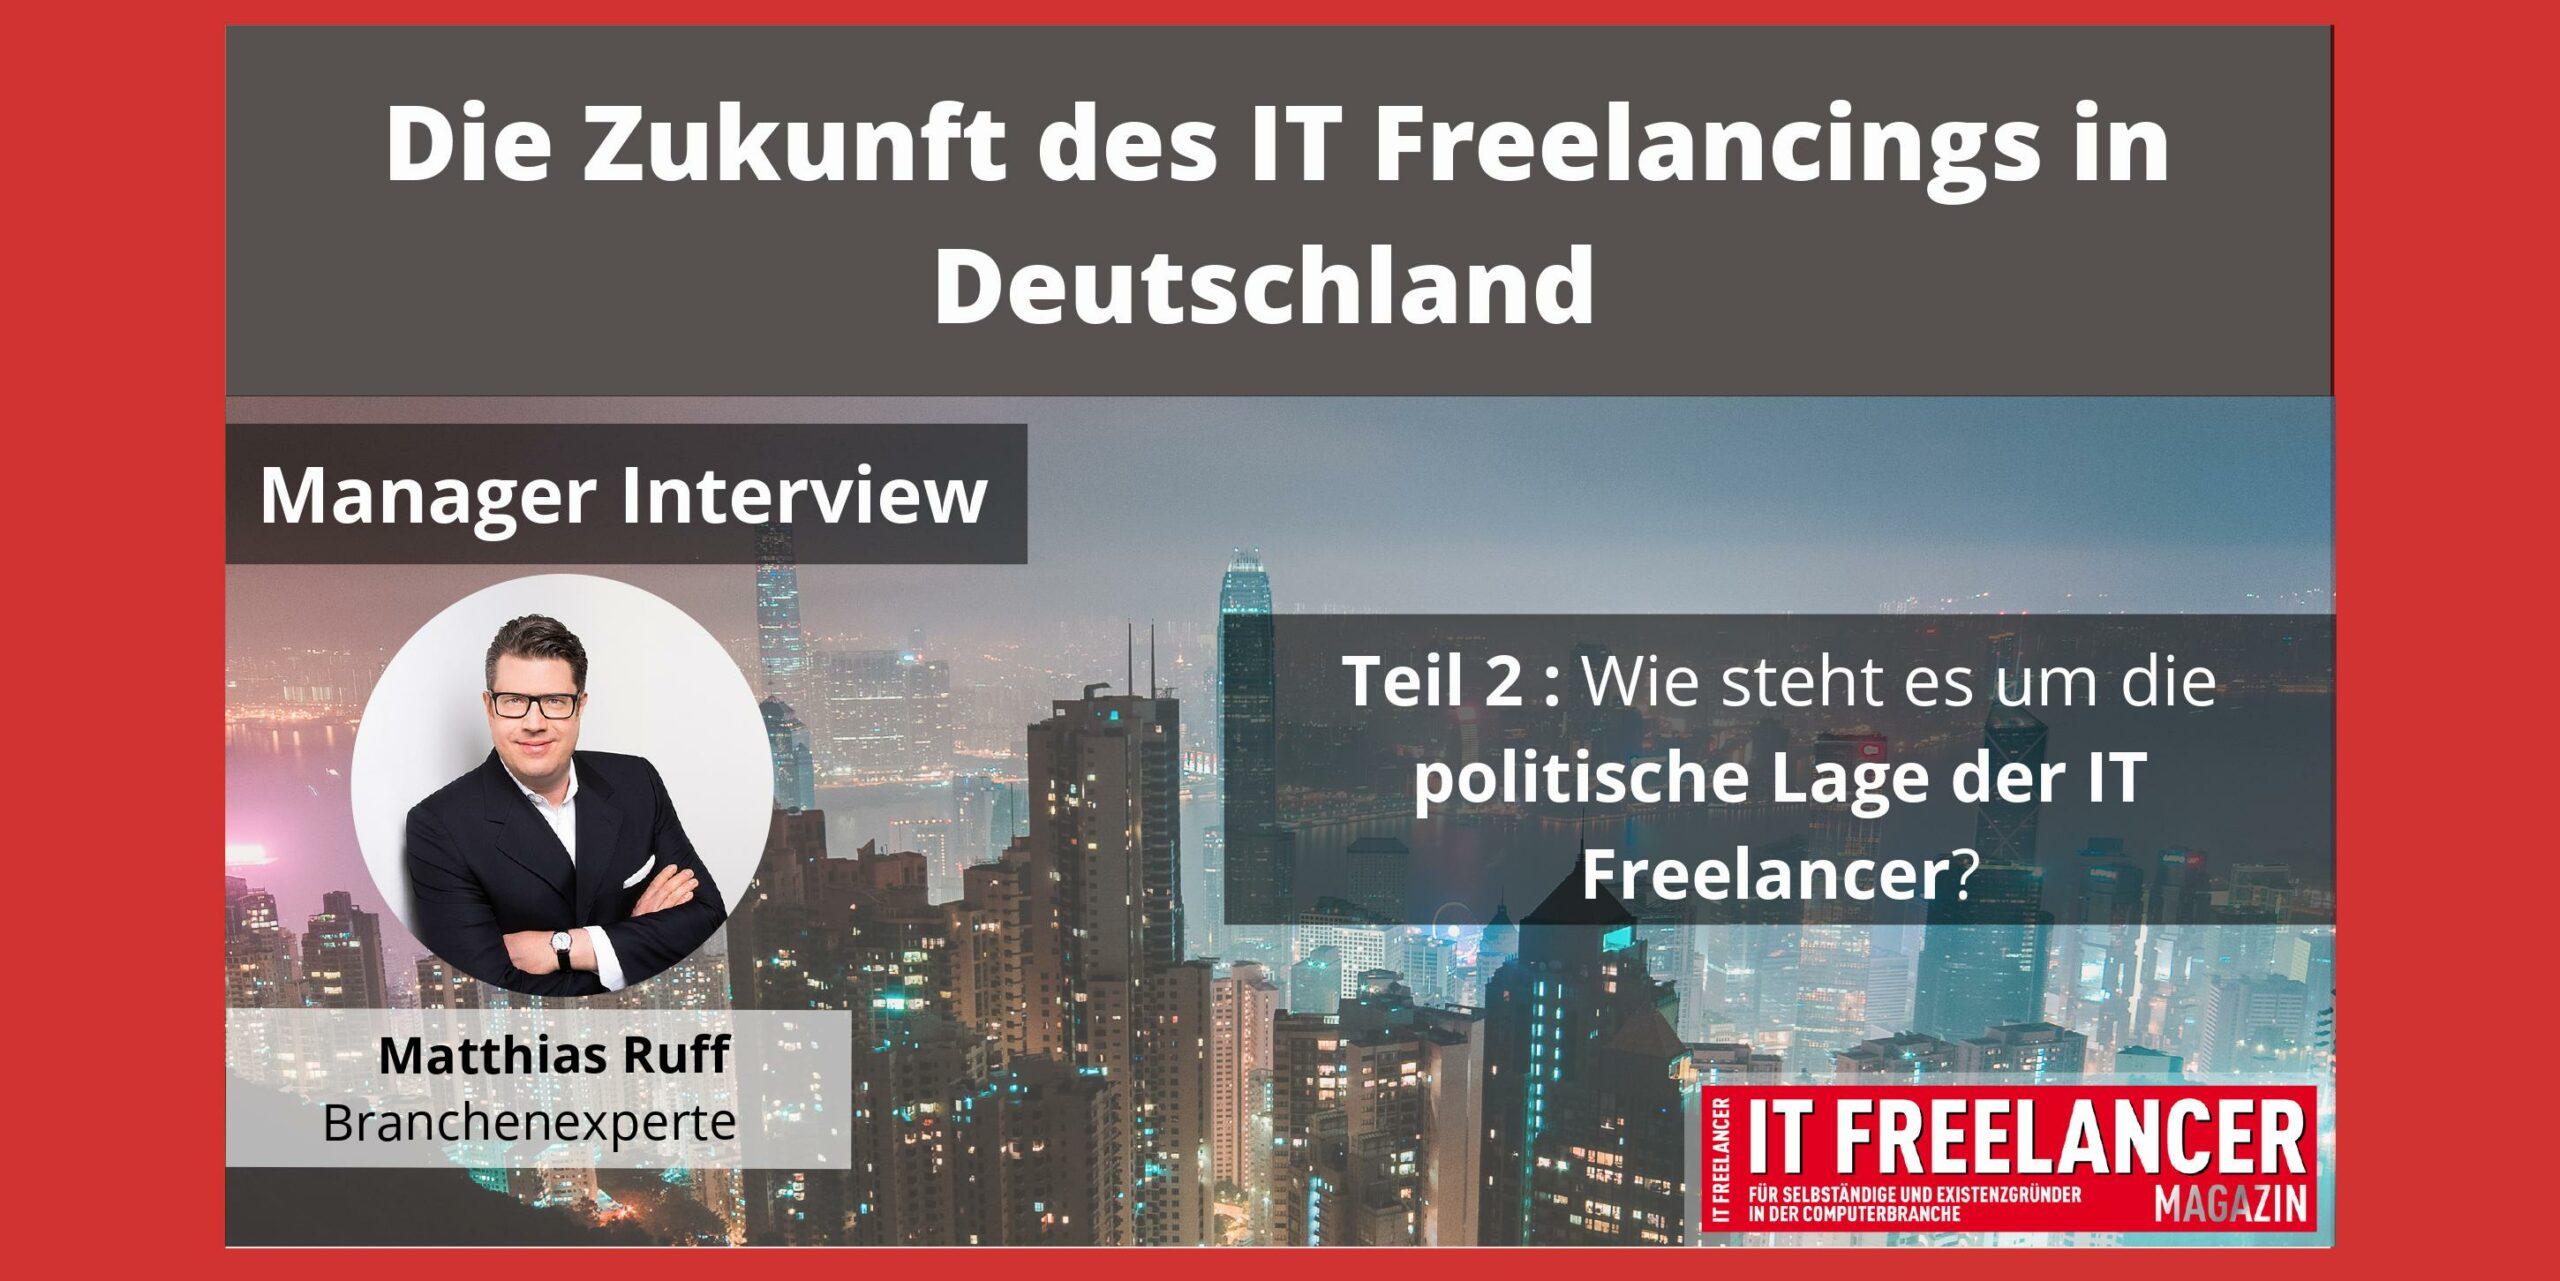 Die Zukunft des IT Freelancings- Manager Interview mit Matthias Ruff-Politik